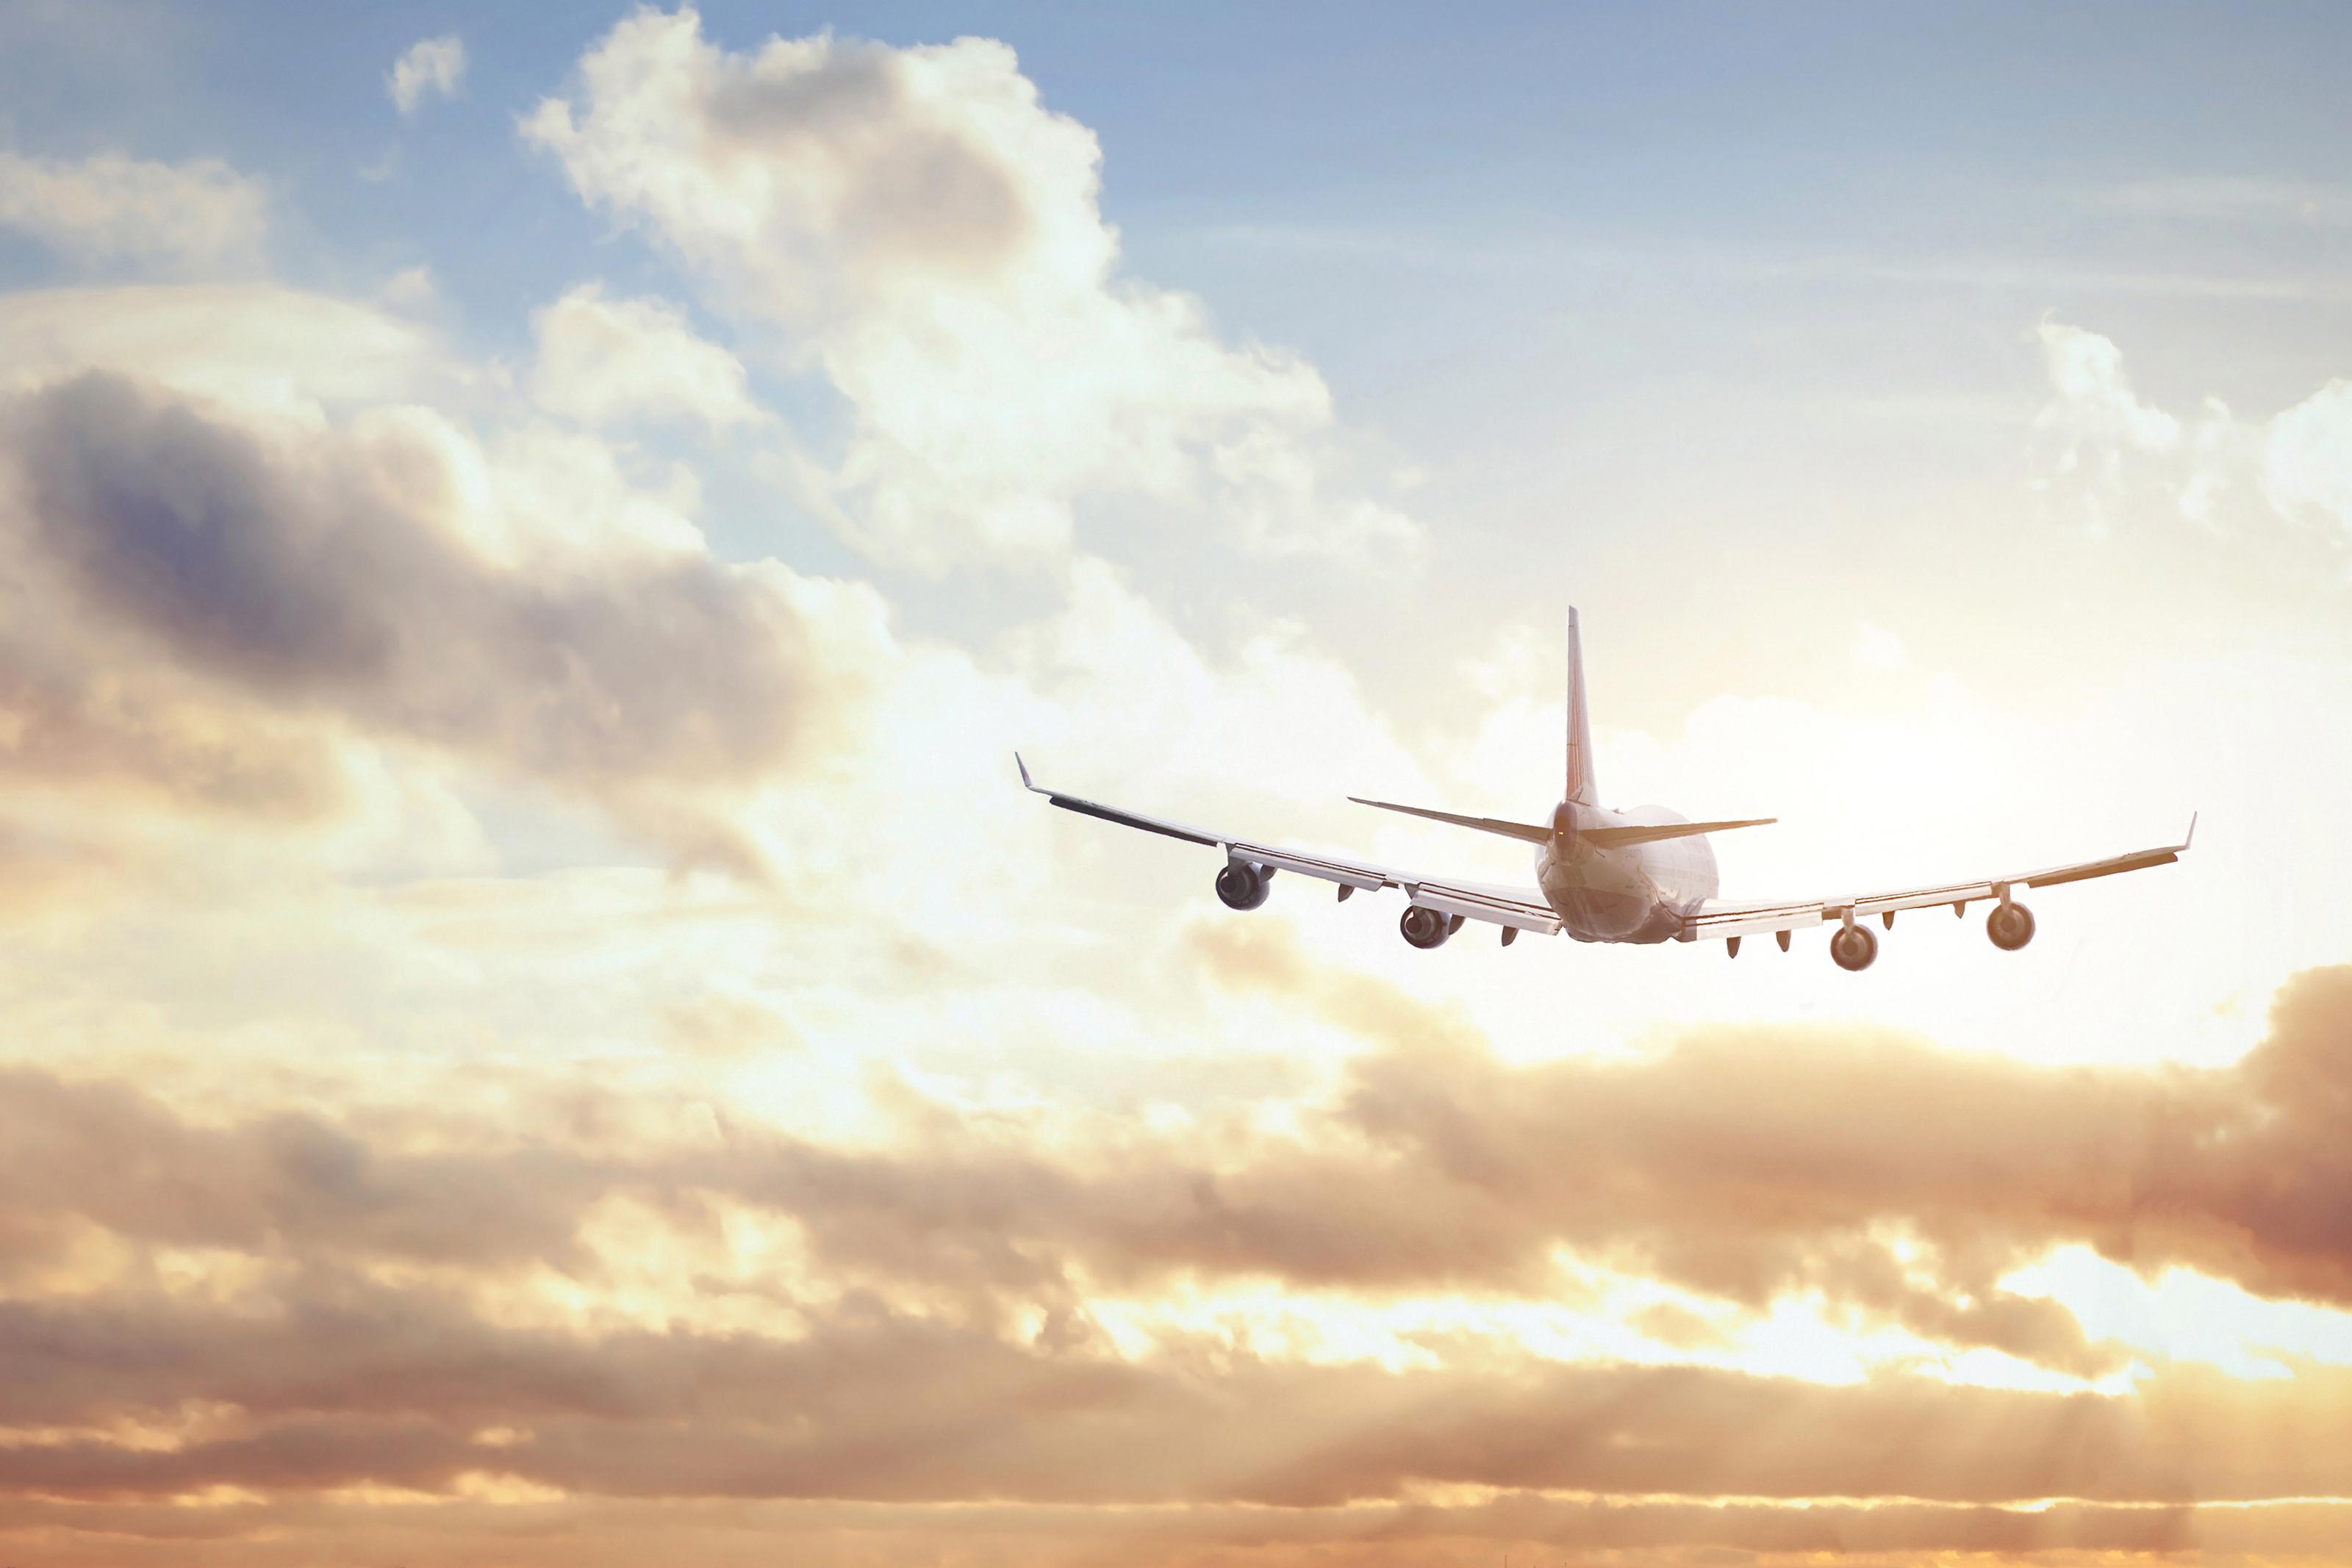 Plane flying below clouds.